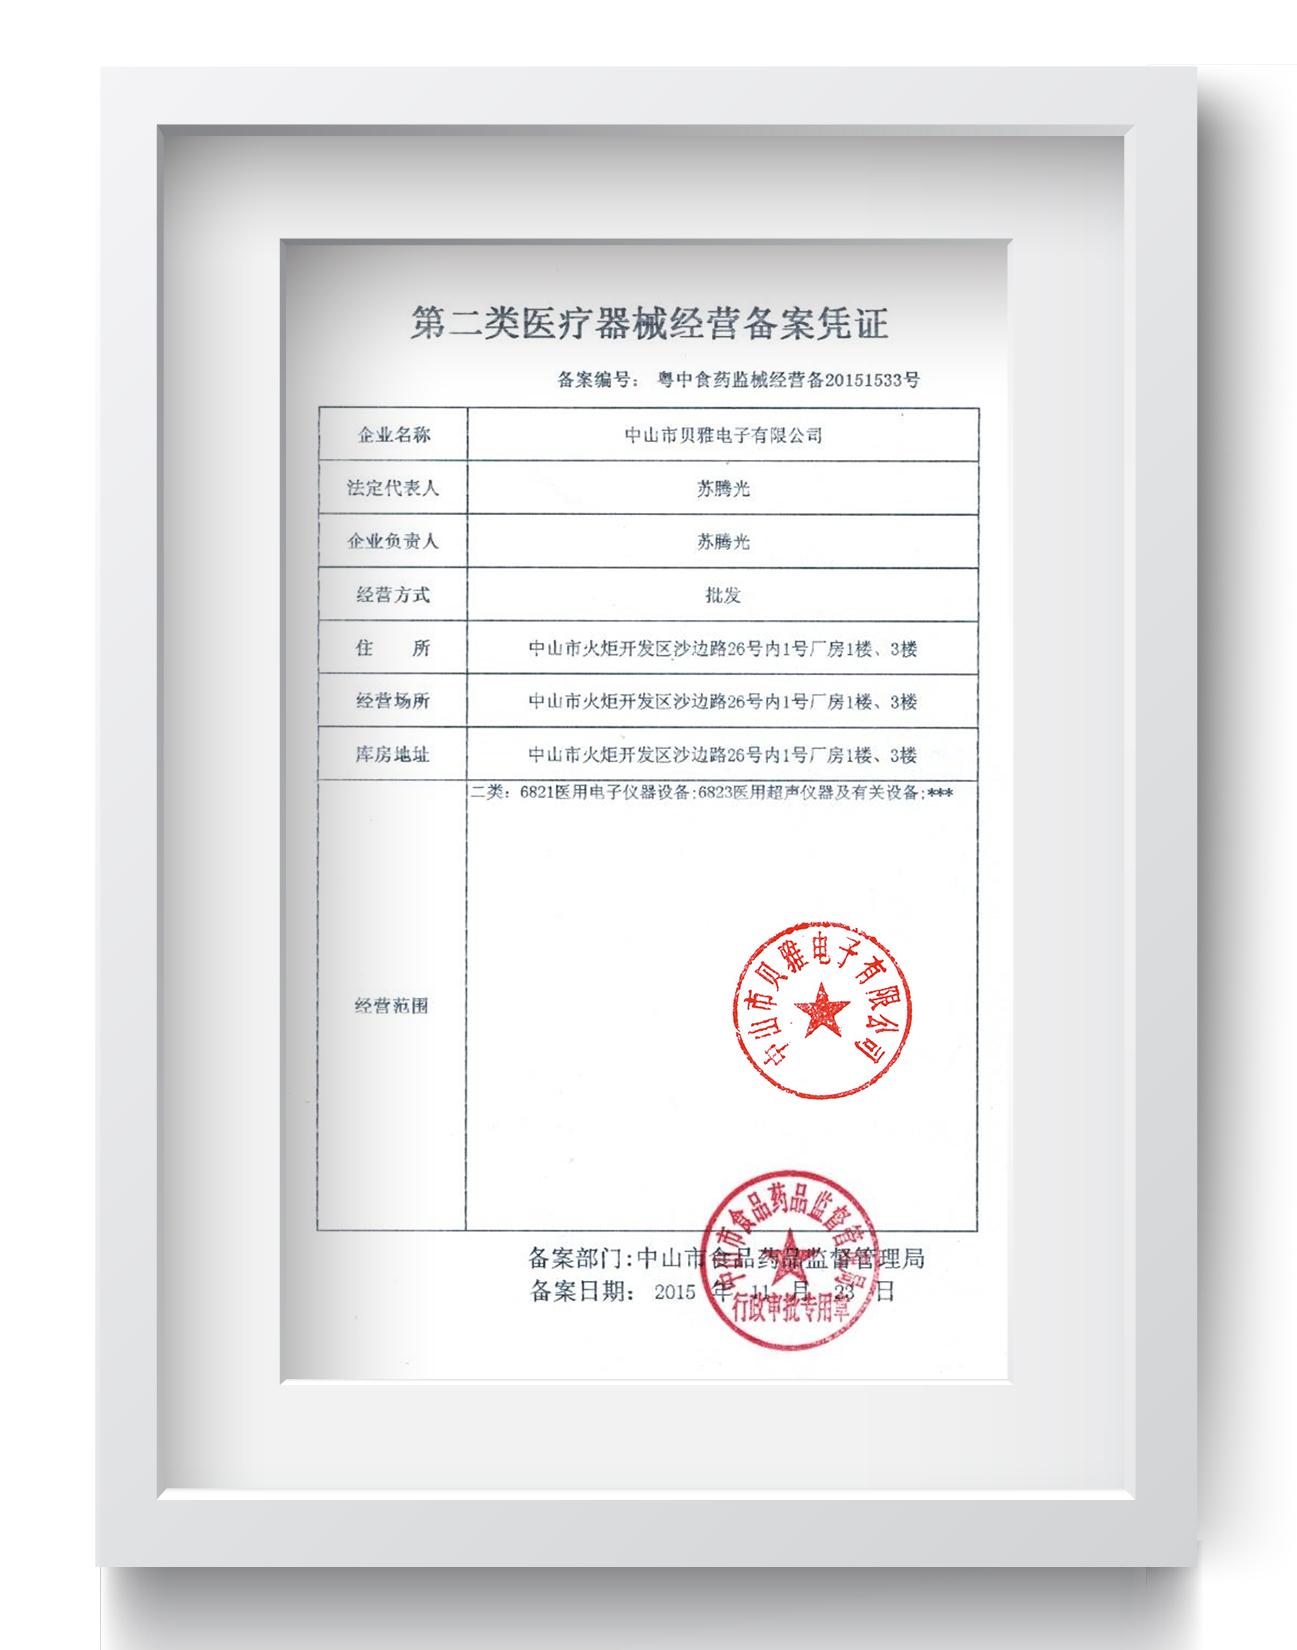 第二类医疗器械许可证书